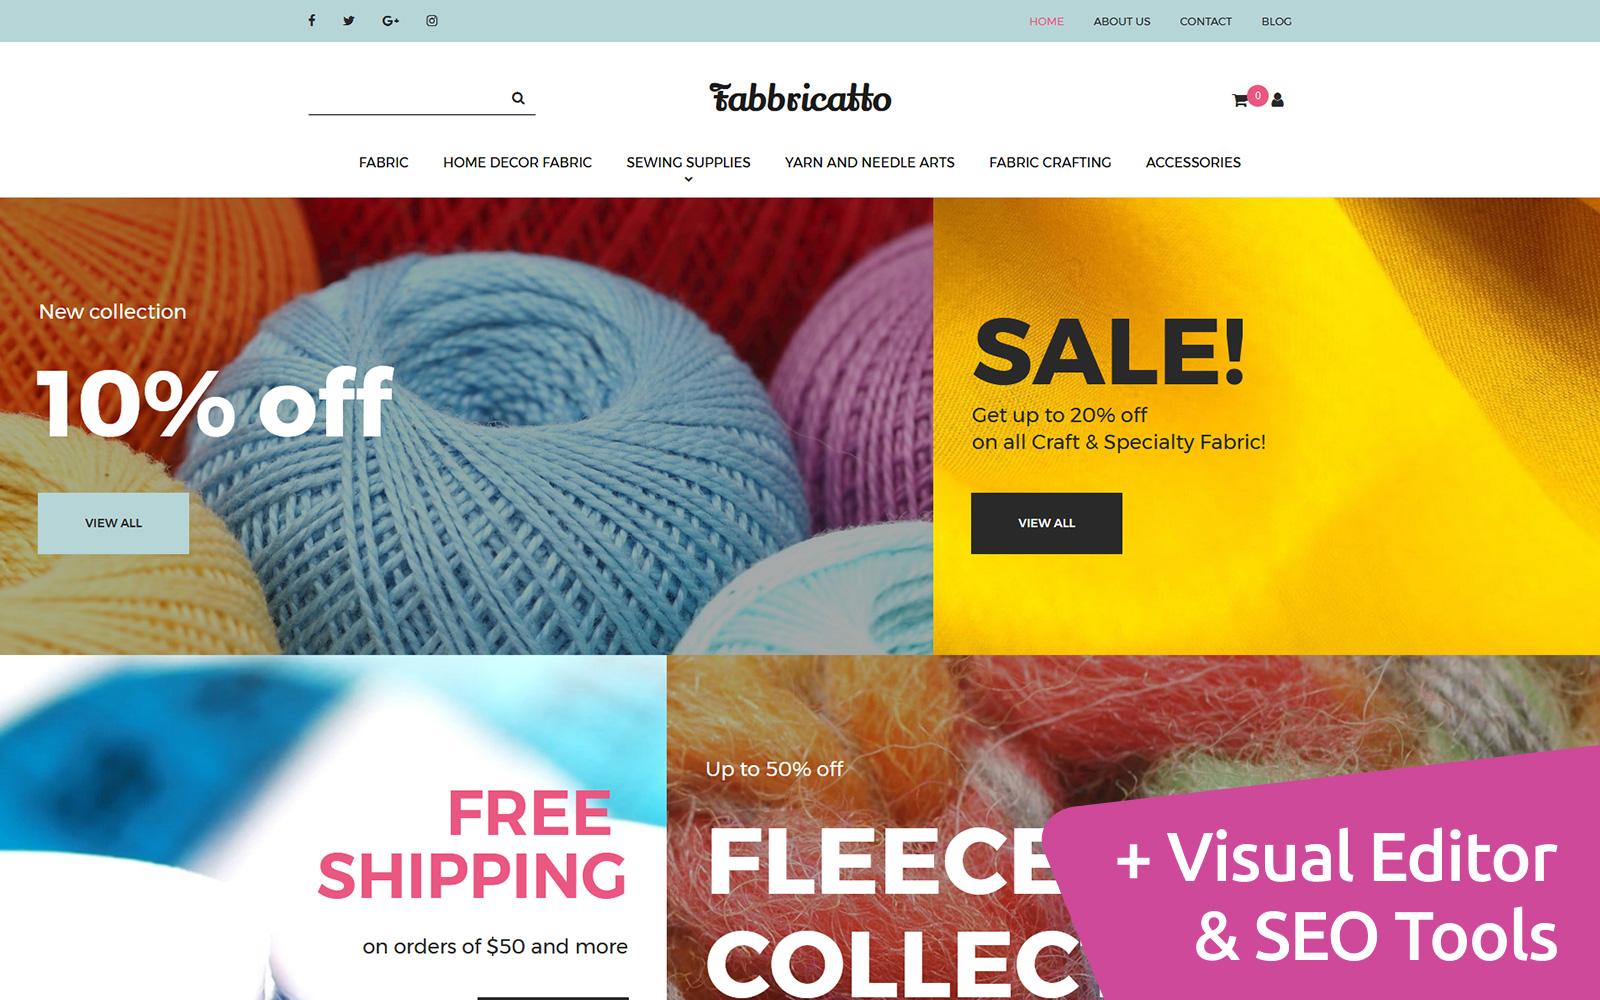 """Plantilla MotoCMS Para Comercio Electrónico """"Fabricatto -  Hobbies & Crafts"""" #65068"""